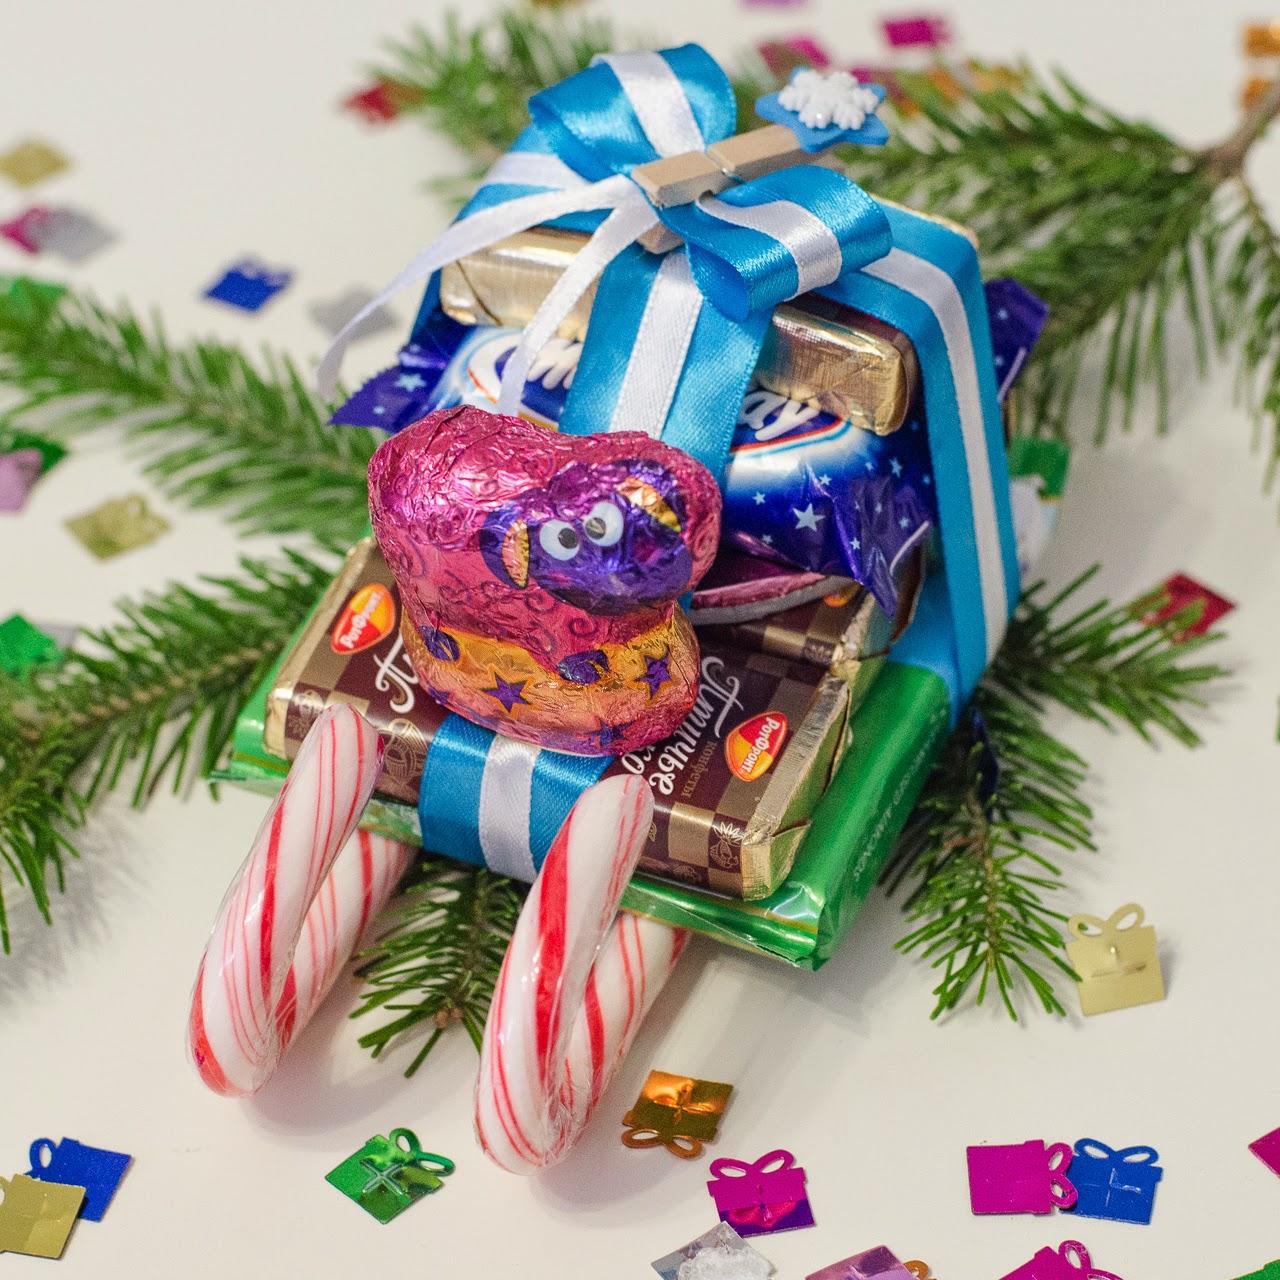 Как сделать сладкий подарок на новый год своими руками ребенку